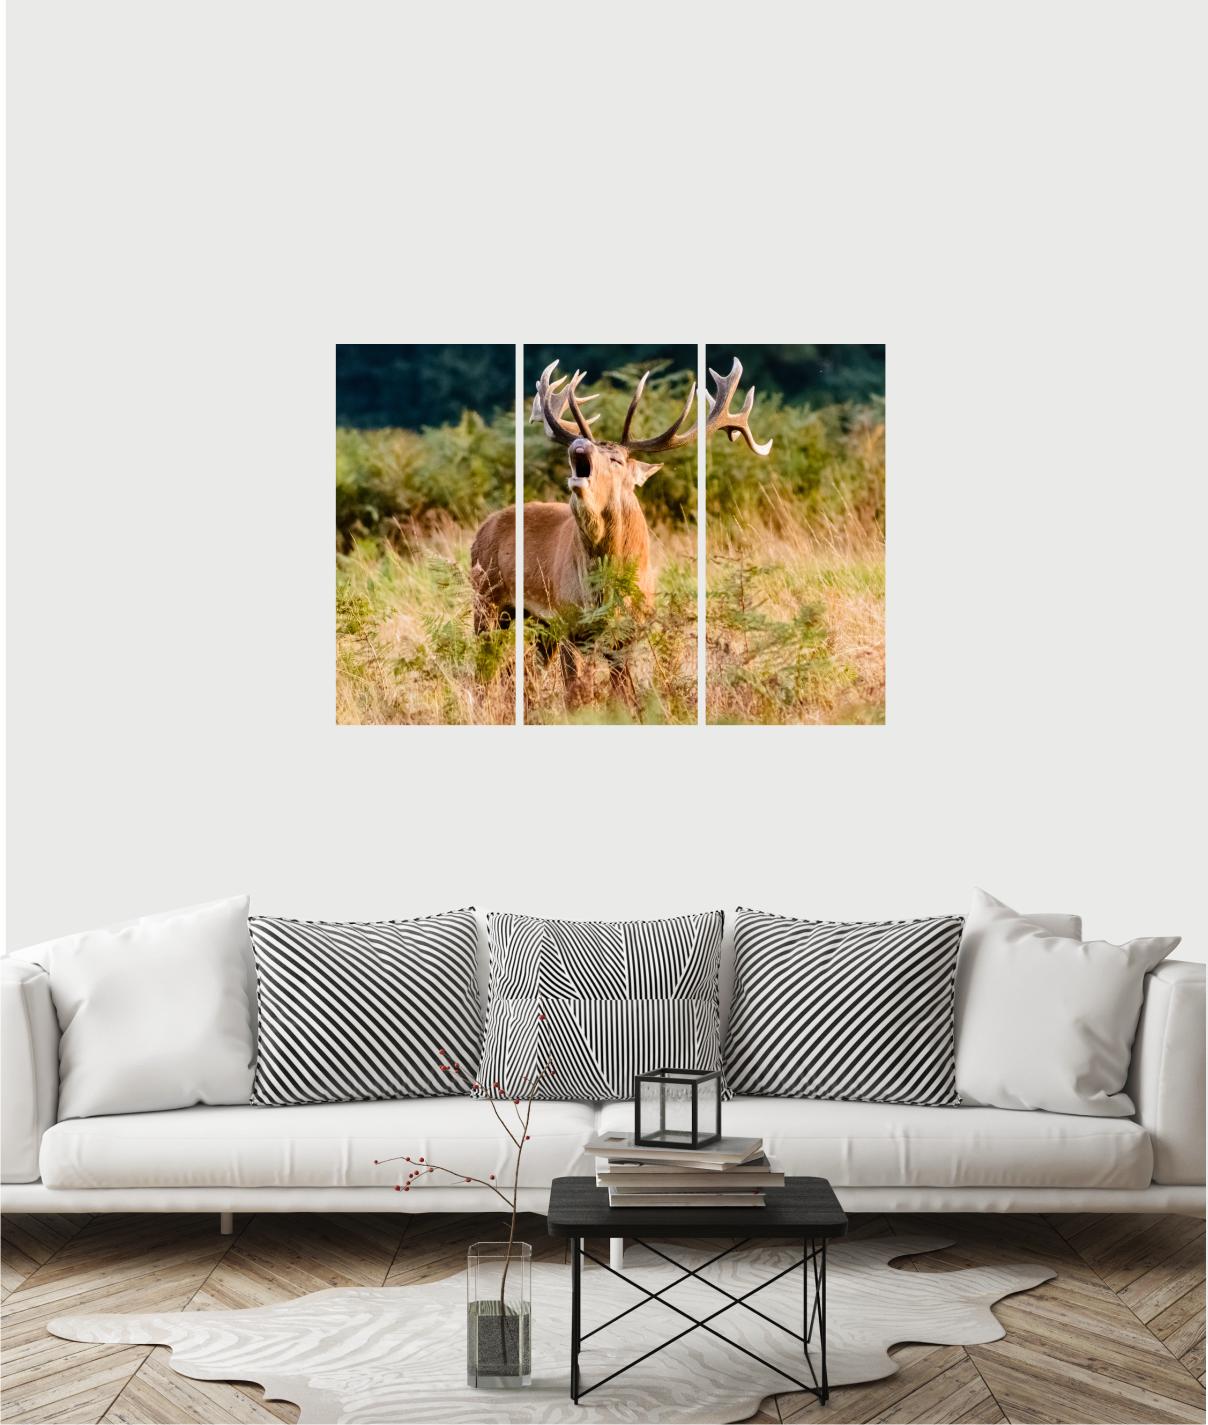 Billede i træ med krondyr i skov 00007